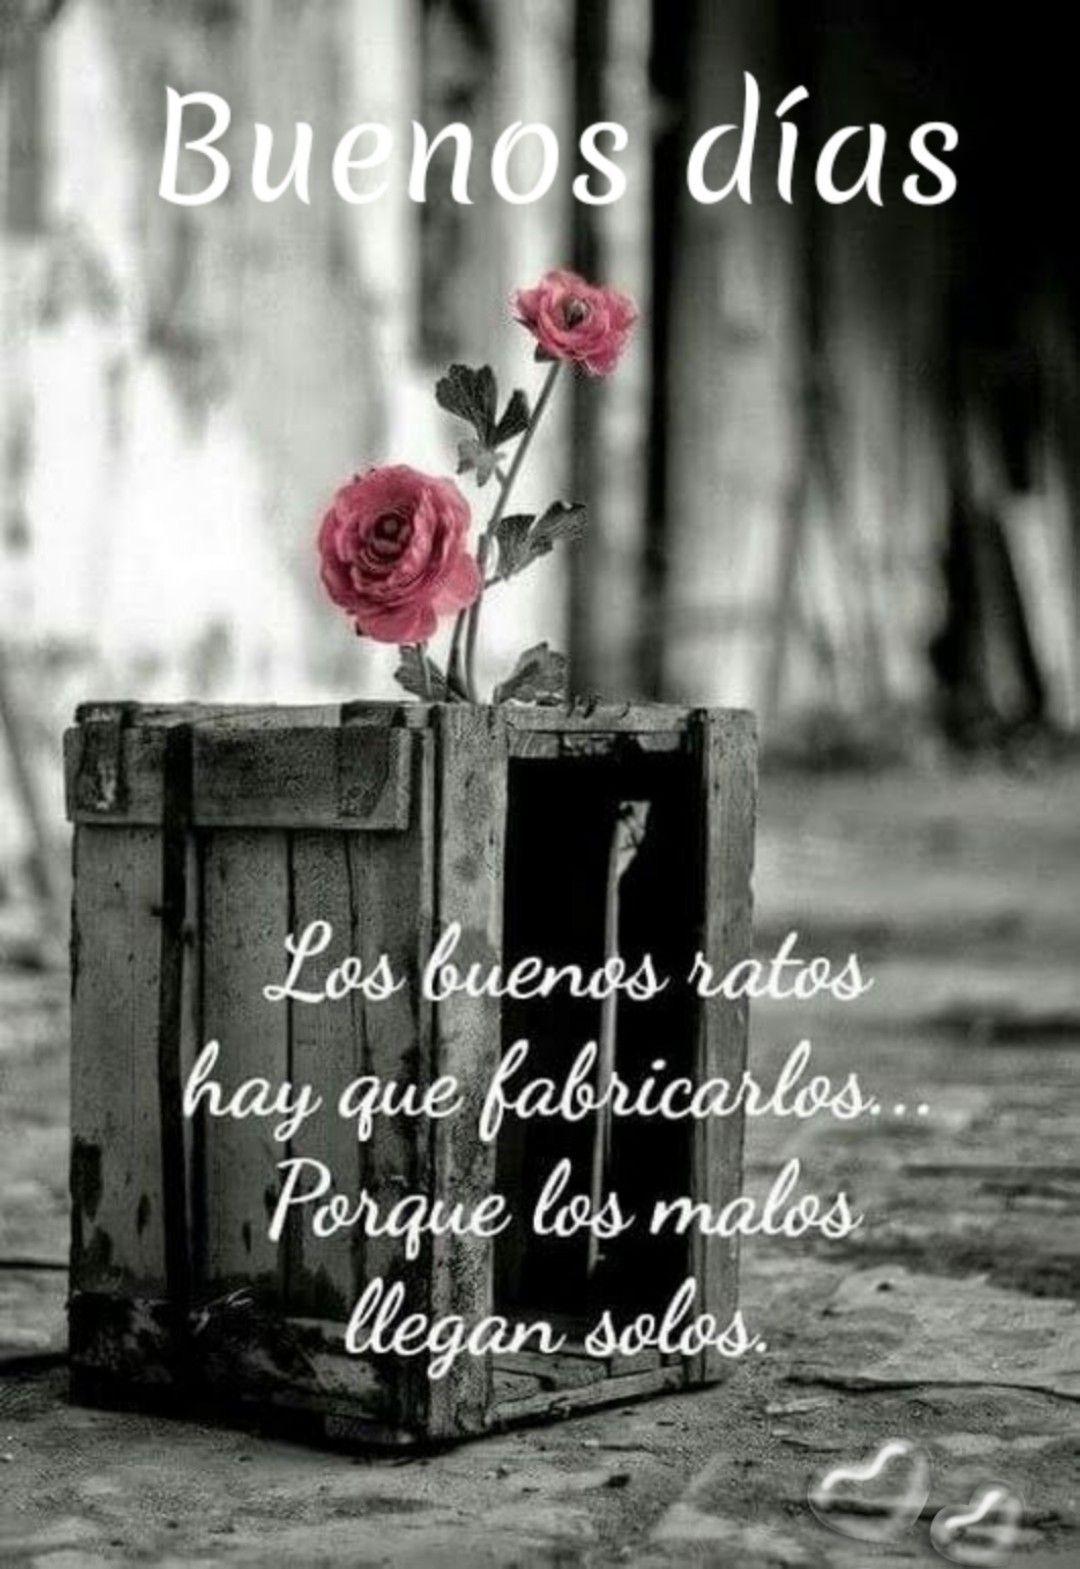 Frases Hermosas De Amor De Buenos Dias Para Celular En 2020